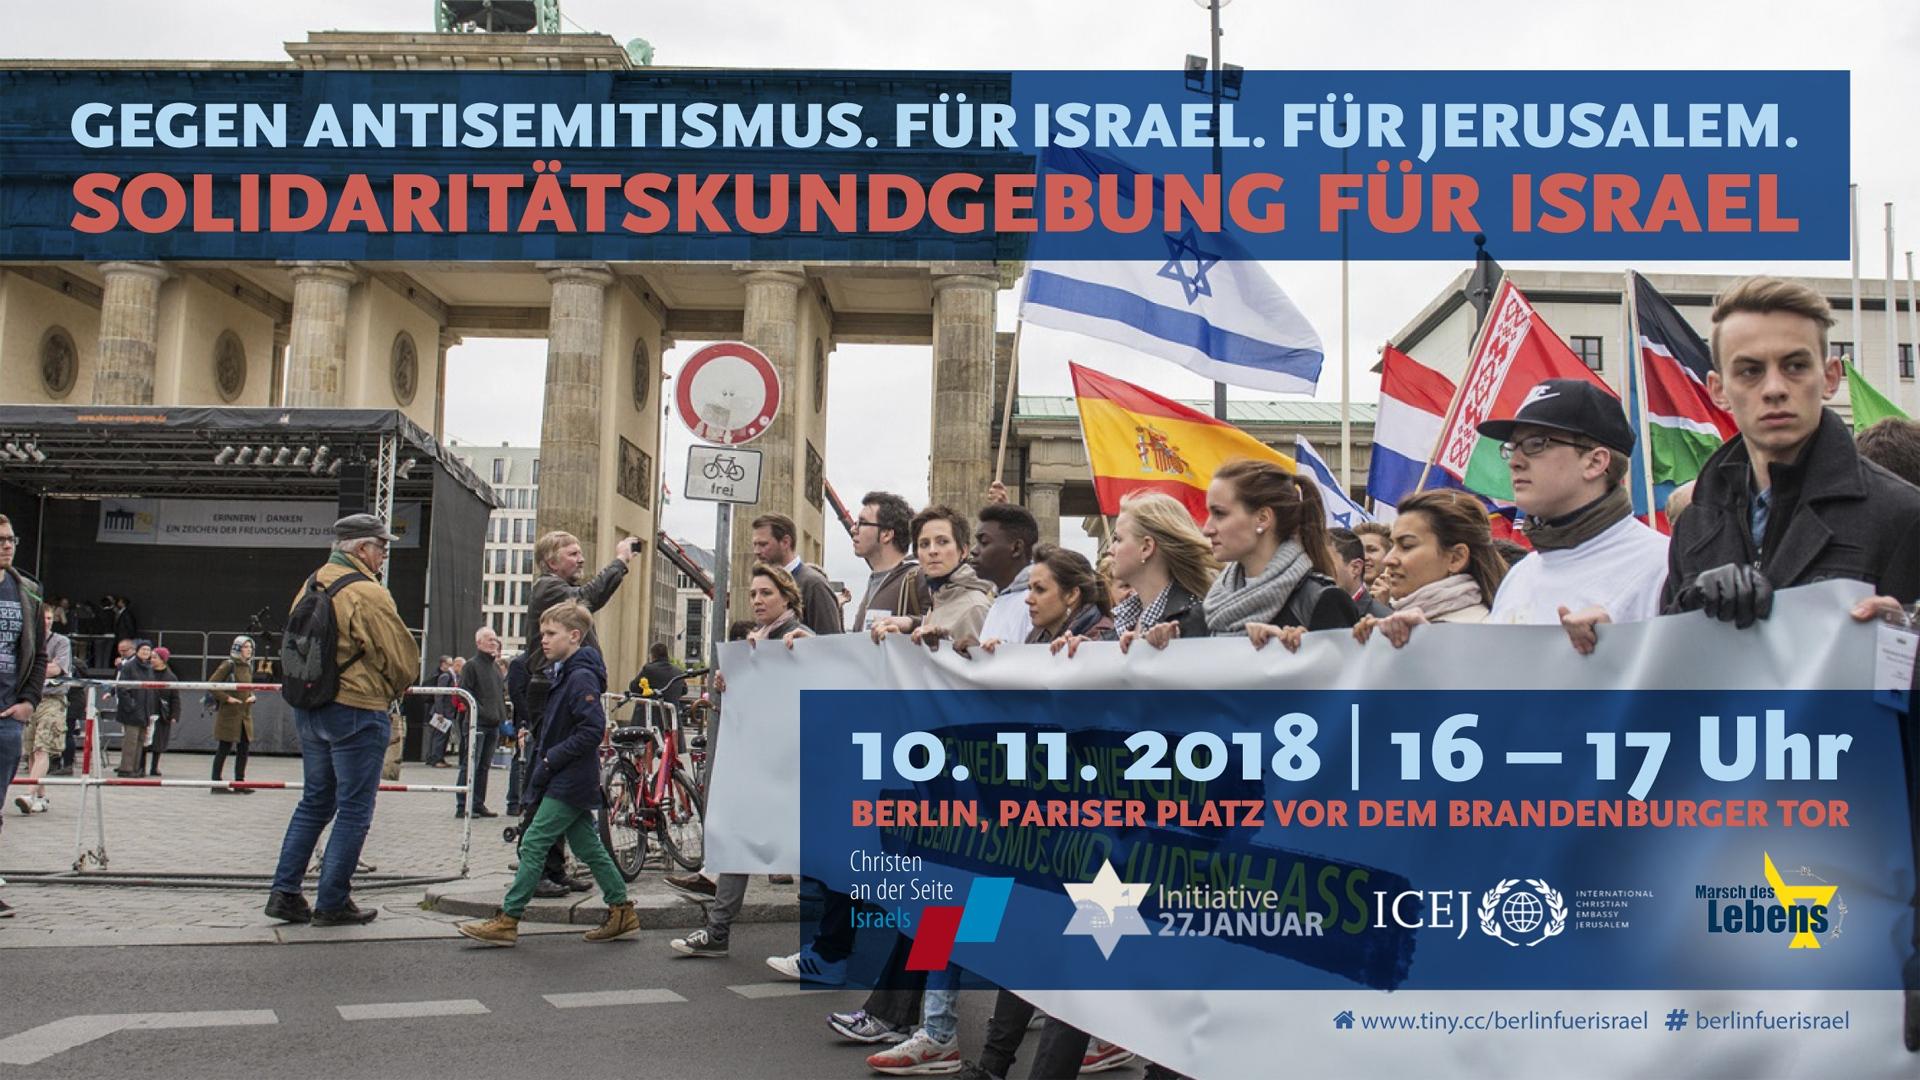 Solidaritätskundgebung für Israel